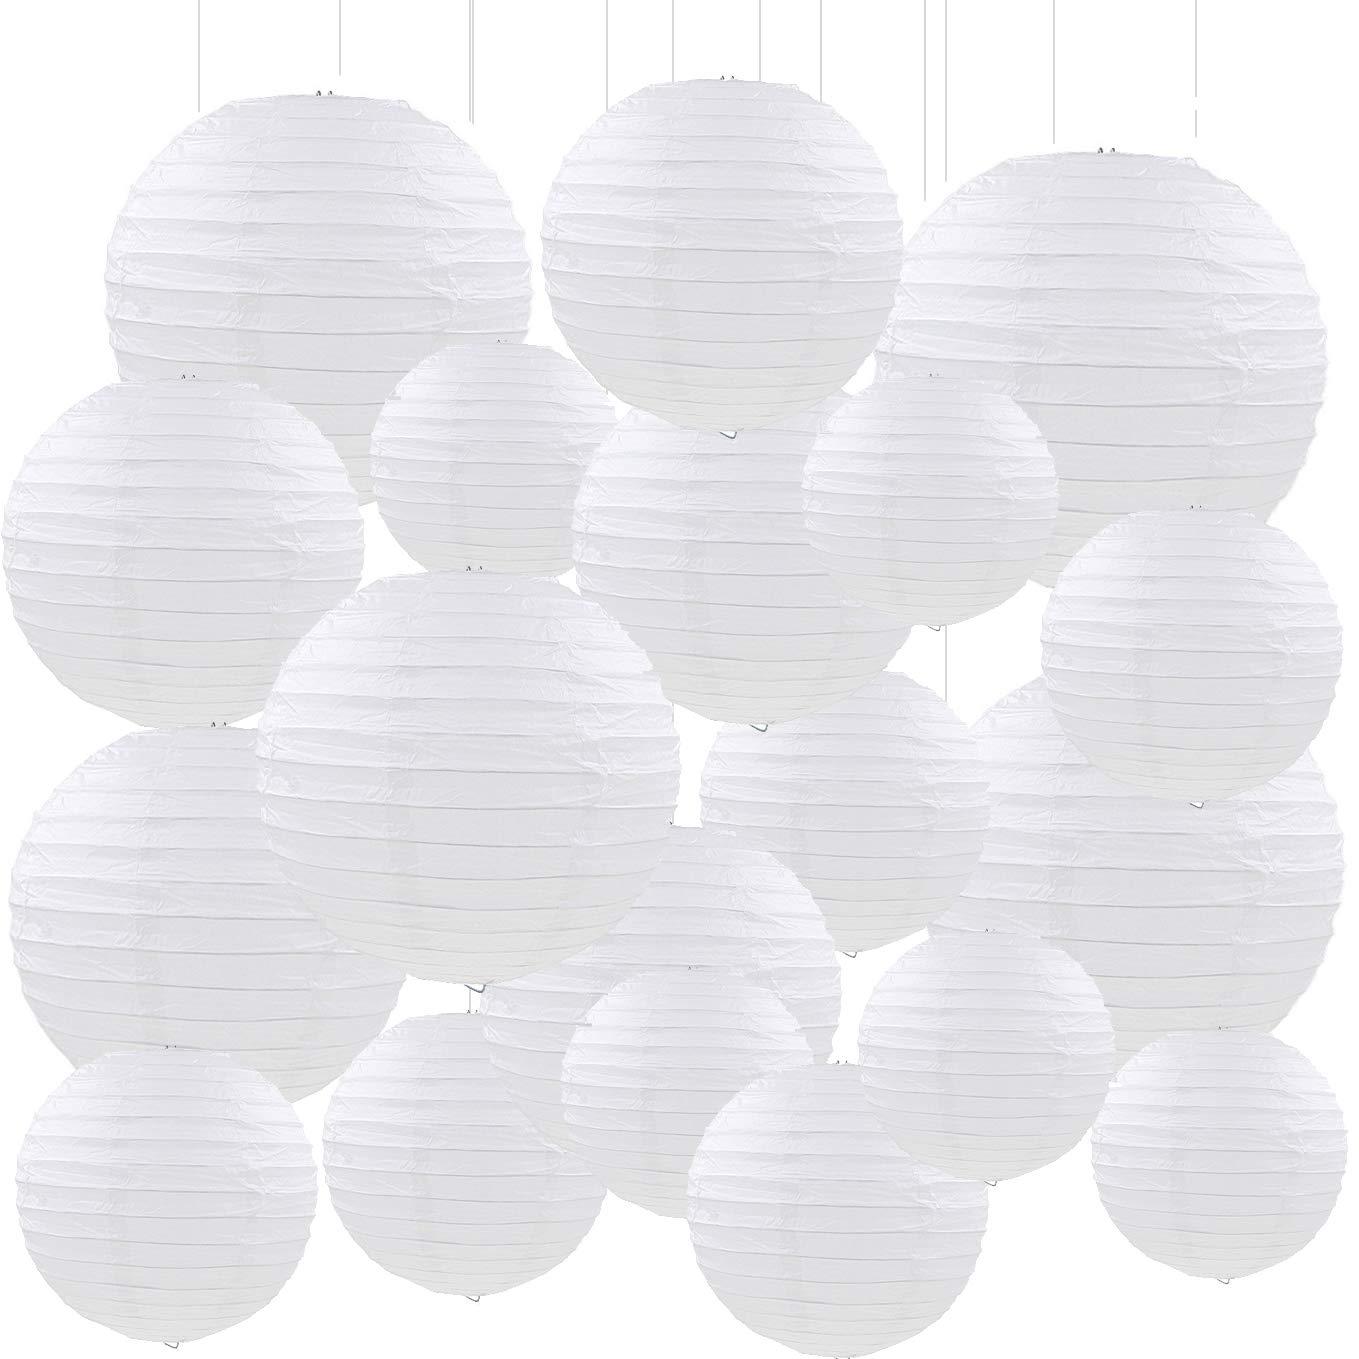 Maison NoëlFête Sonnis 20 PCS 5 Taille Blanc Papier Lanternes Ronde Lampes en Papier Anniversaire De Mariage Partie Décorations Artisanat,Papier Suspensions Ronde Blanc Décoration Mariage